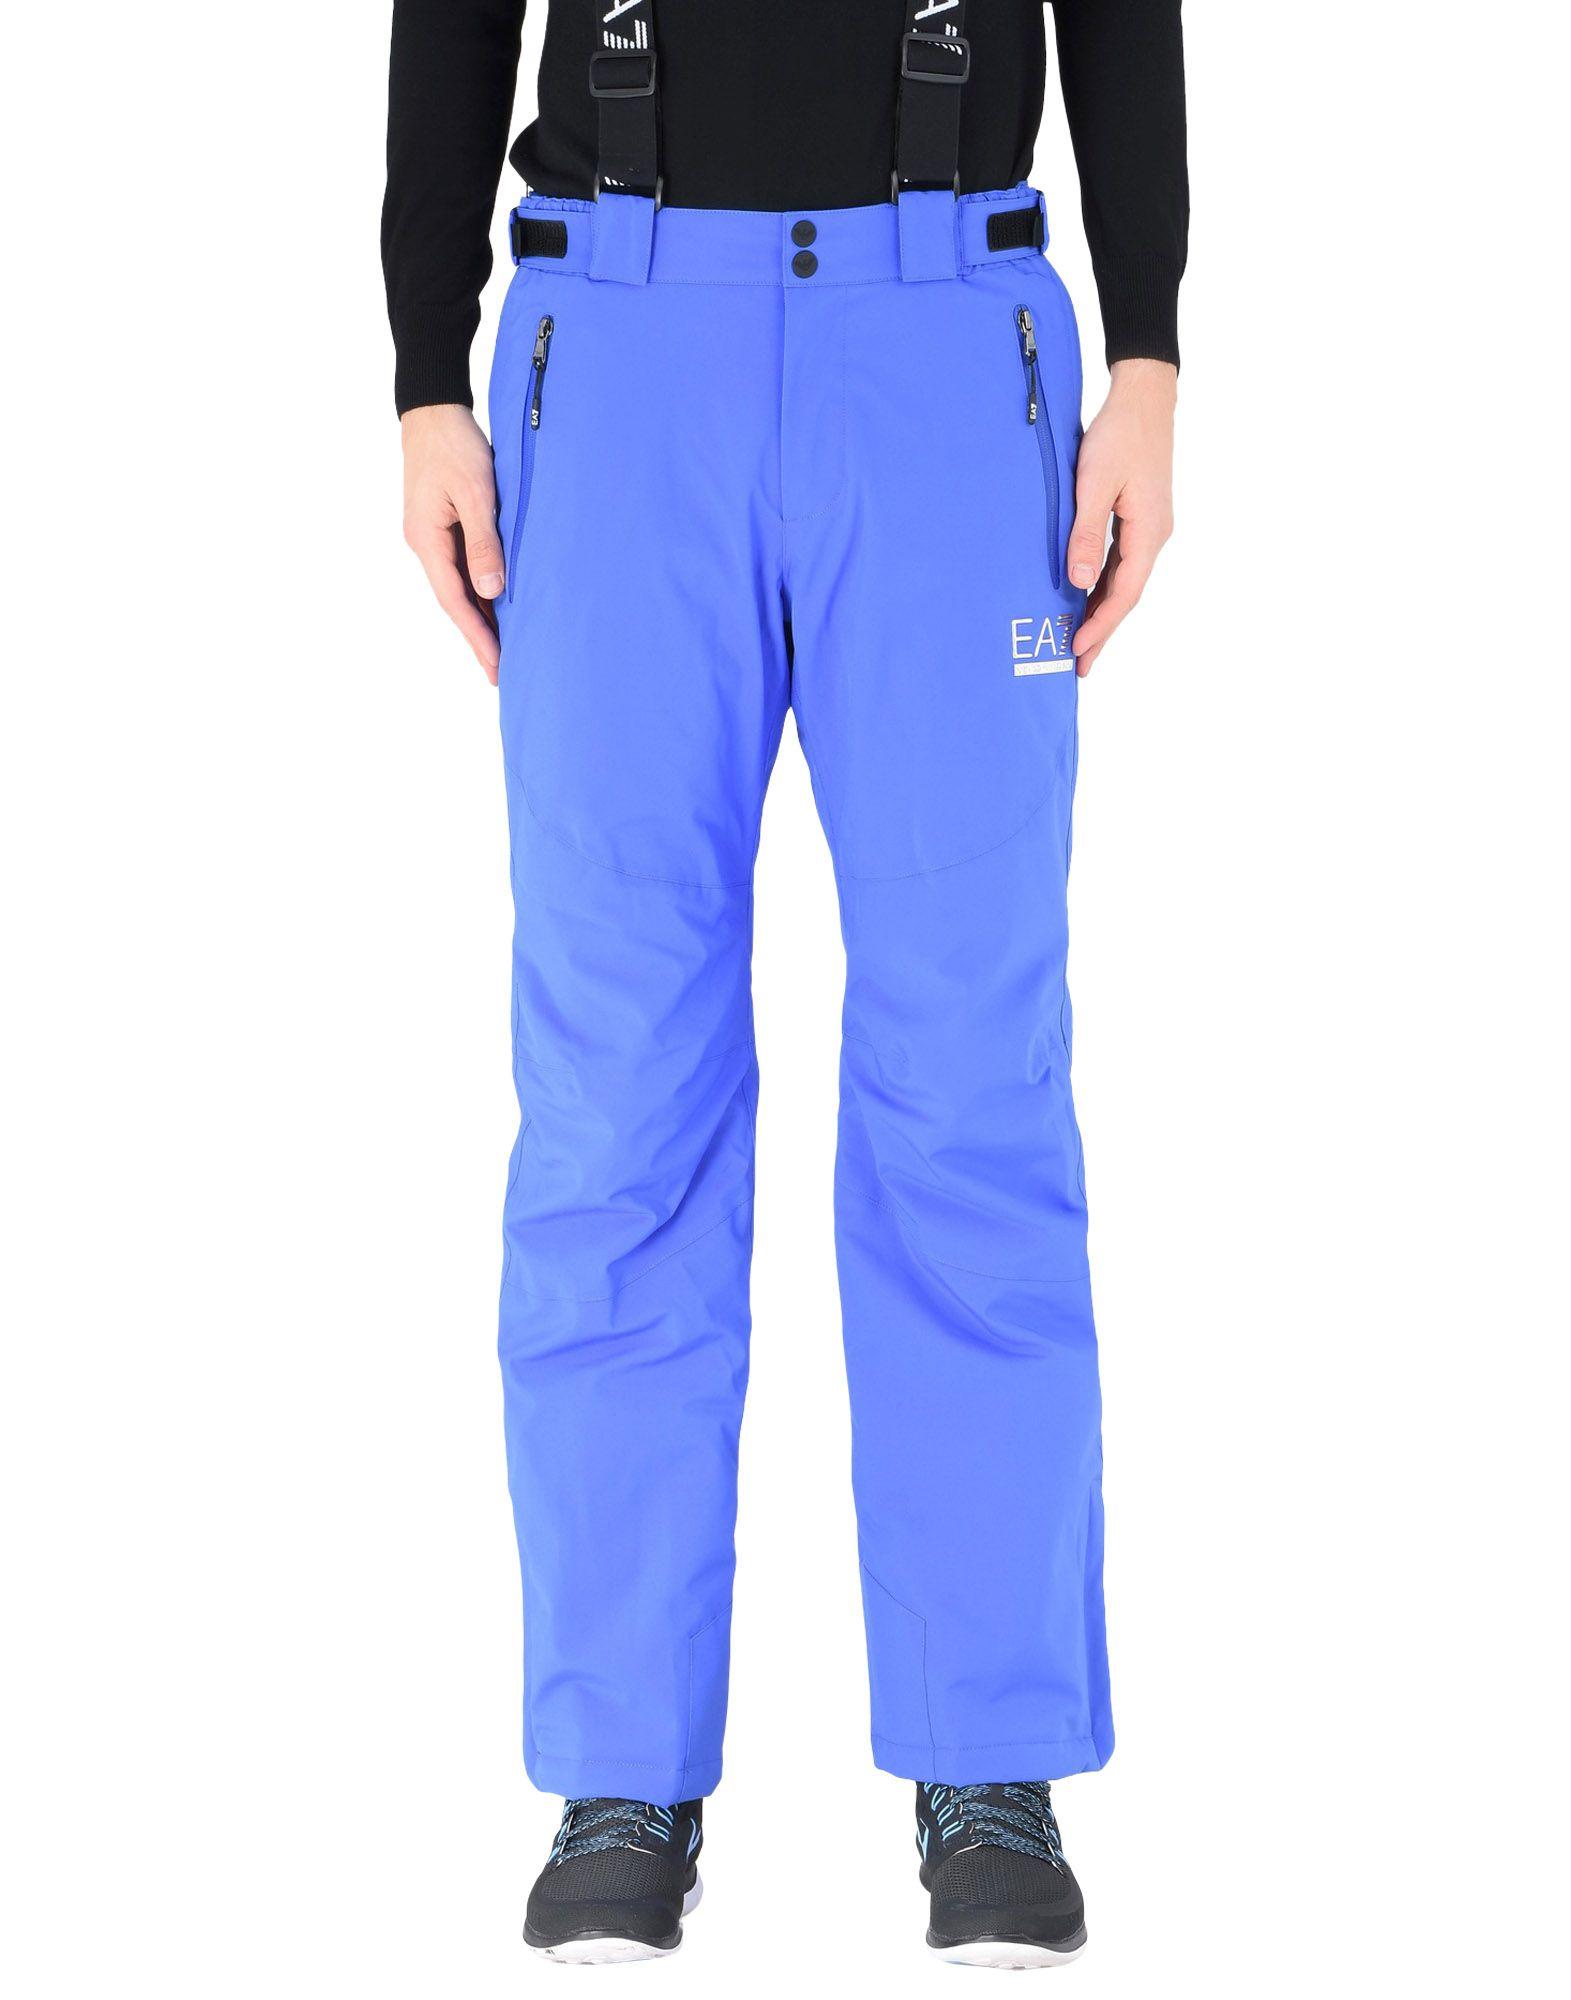 Pantalone Sportivo Ea7 Clinger Pantalone Ski Fun Bretelle - Uomo - Acquista online su